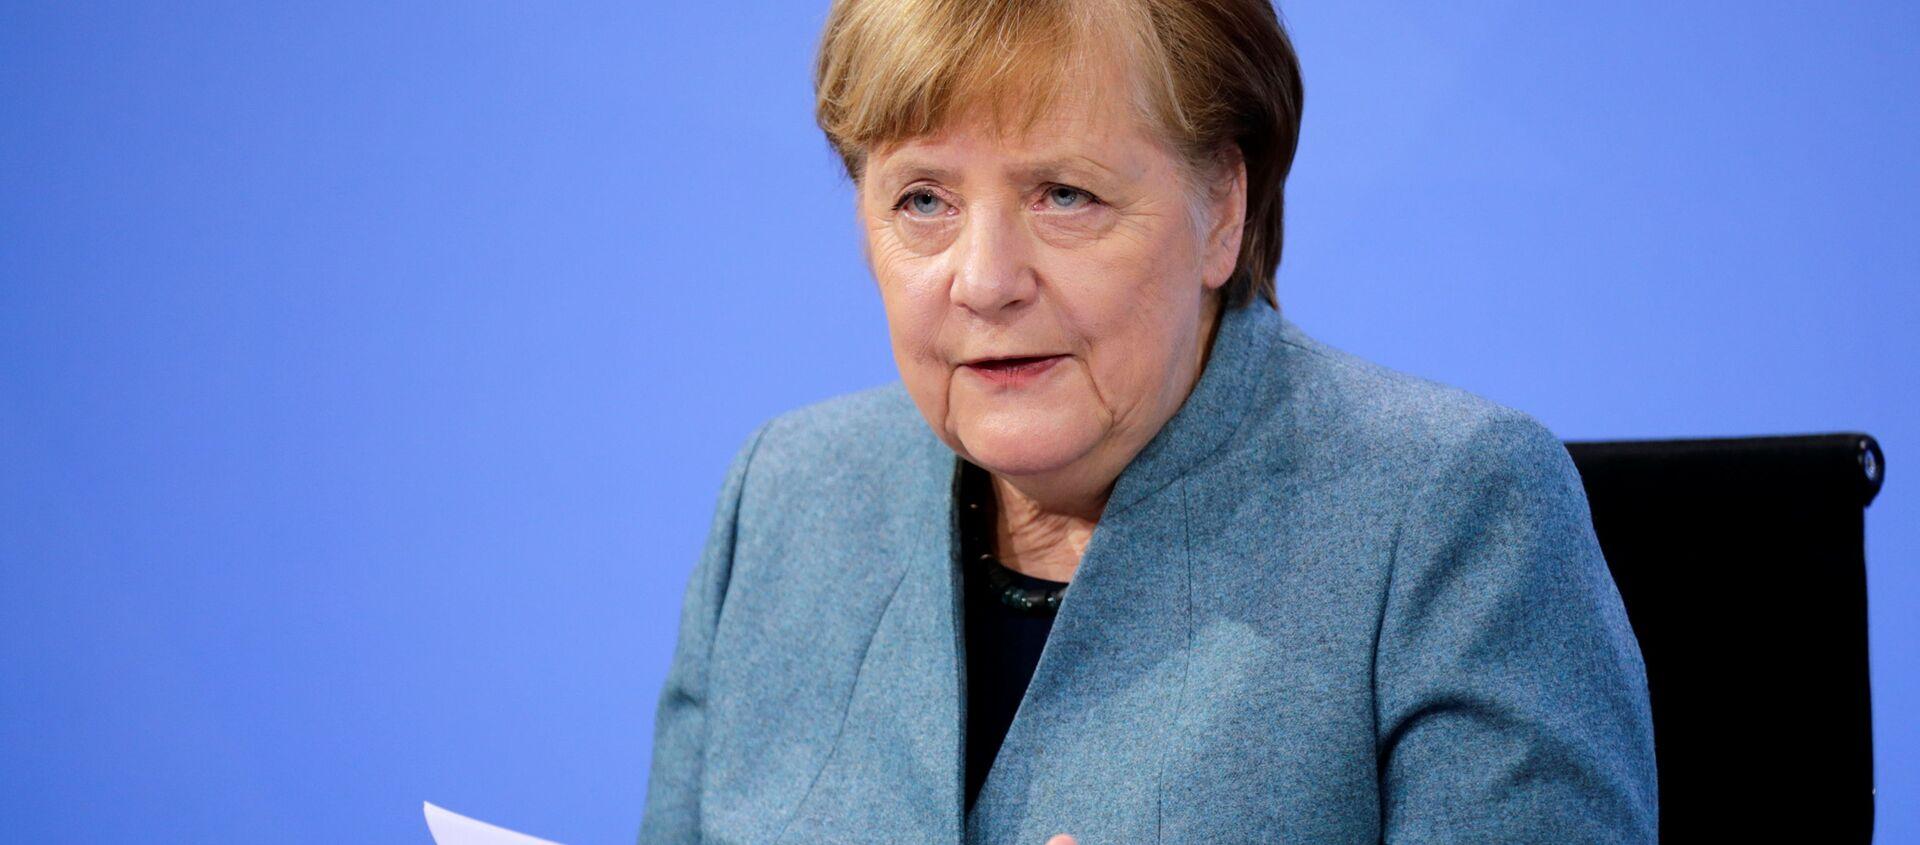 Angela Merkel - Sputnik Italia, 1920, 25.02.2021